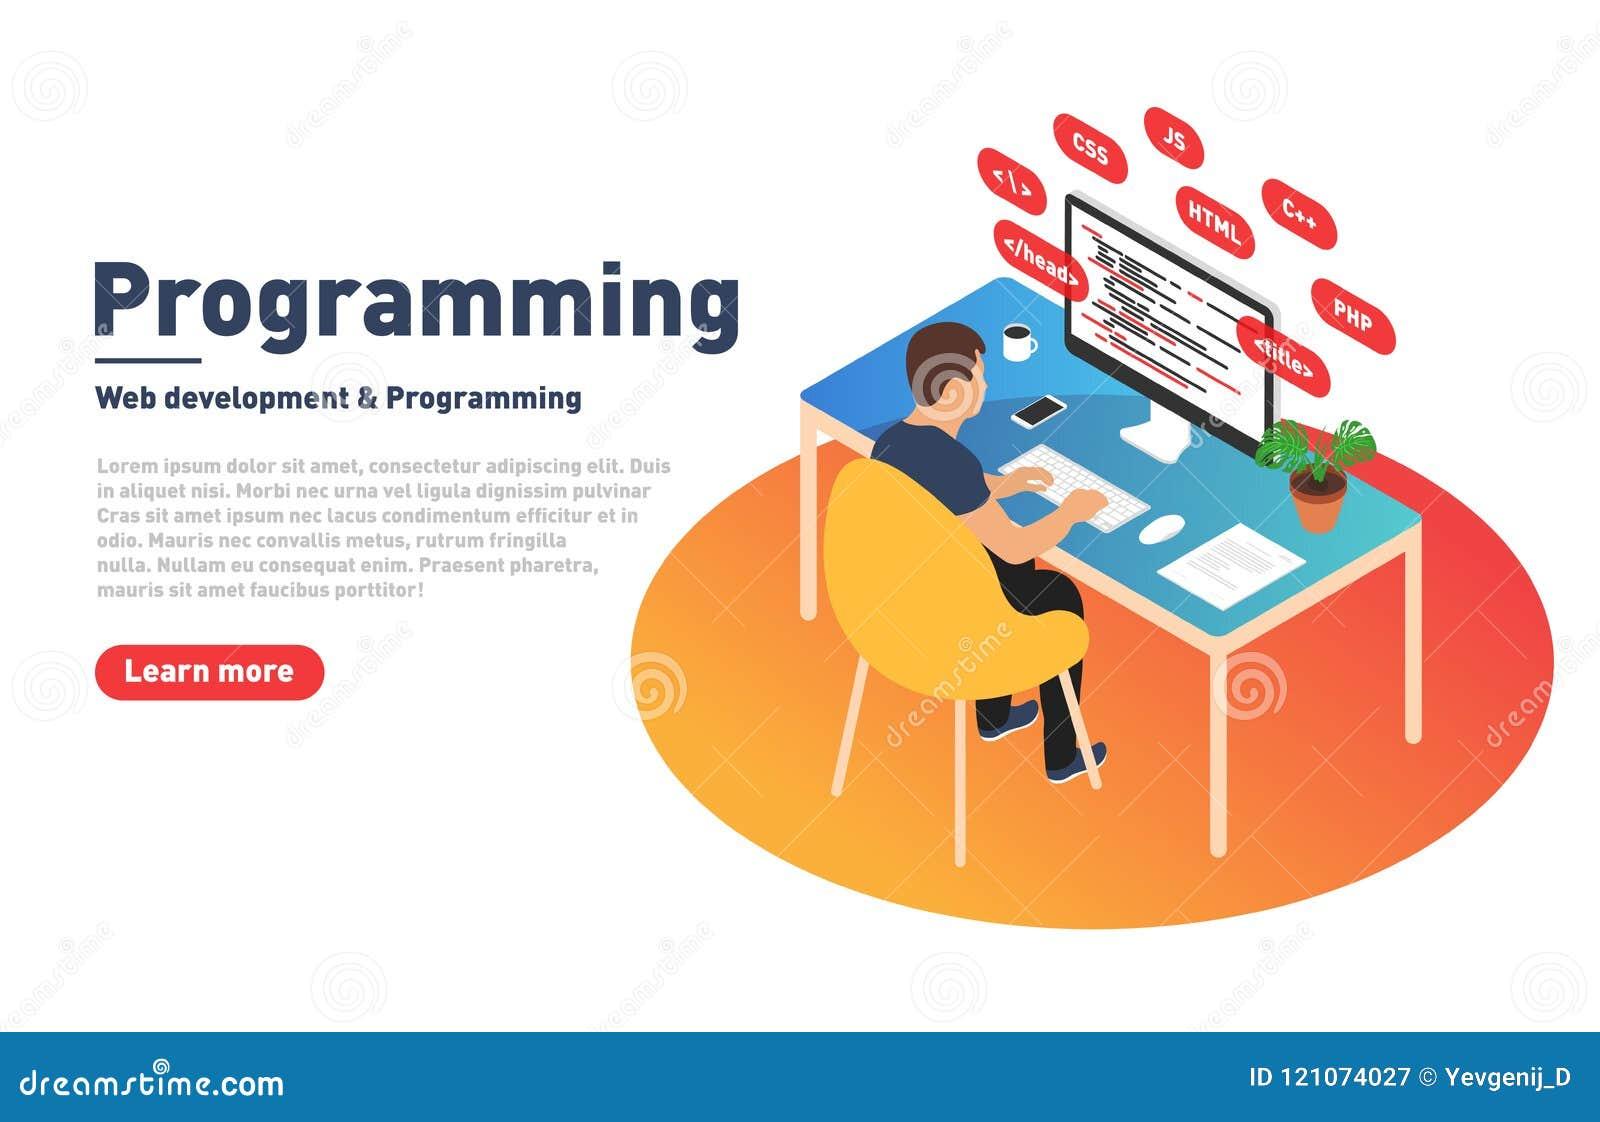 Έννοια προγραμματισμού και ανάπτυξης Ιστού Ο προγραμματιστής εργάζεται στον υπολογιστή Υπεύθυνος για την ανάπτυξη και σύγχρονος ε